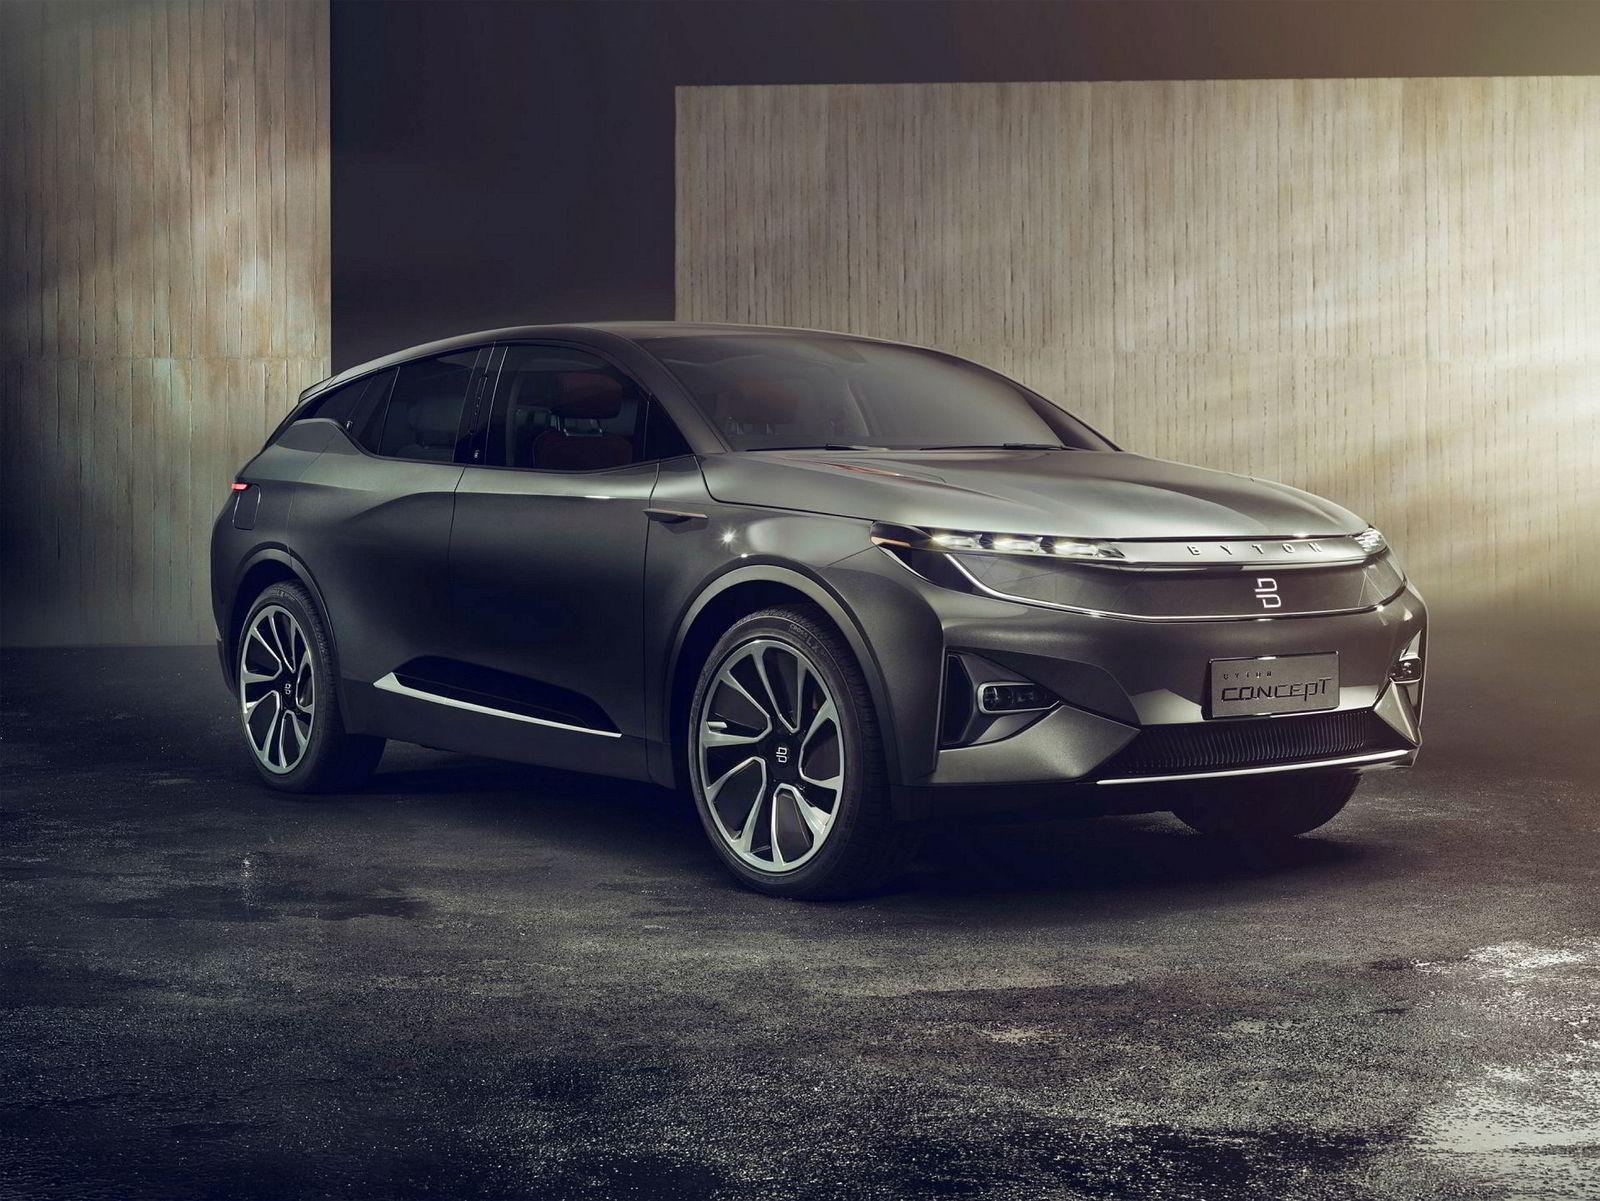 Aner vi litt av bakenden til BMW i3? Flere som har vært involvert i BMWs elbiler har hatt med kinesiske Byton concept suv å gjøre.